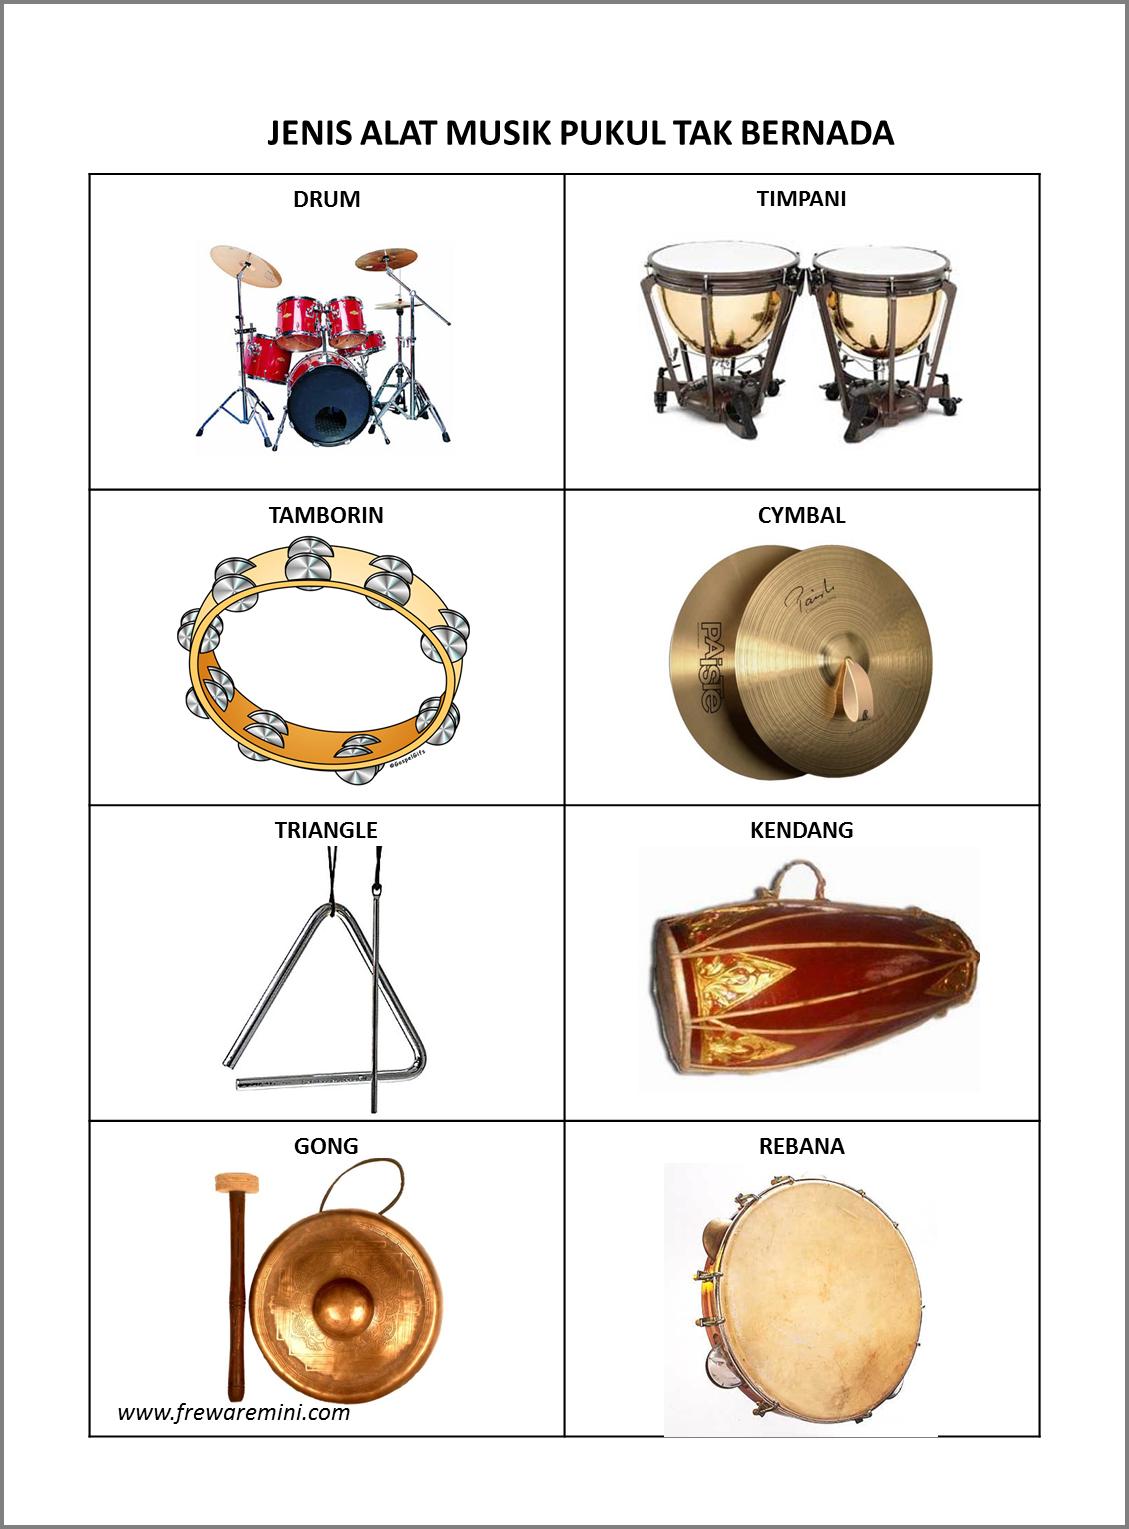 Gambar Tamborin : gambar, tamborin, Contoh, Musik, Ritmis, Gontoh